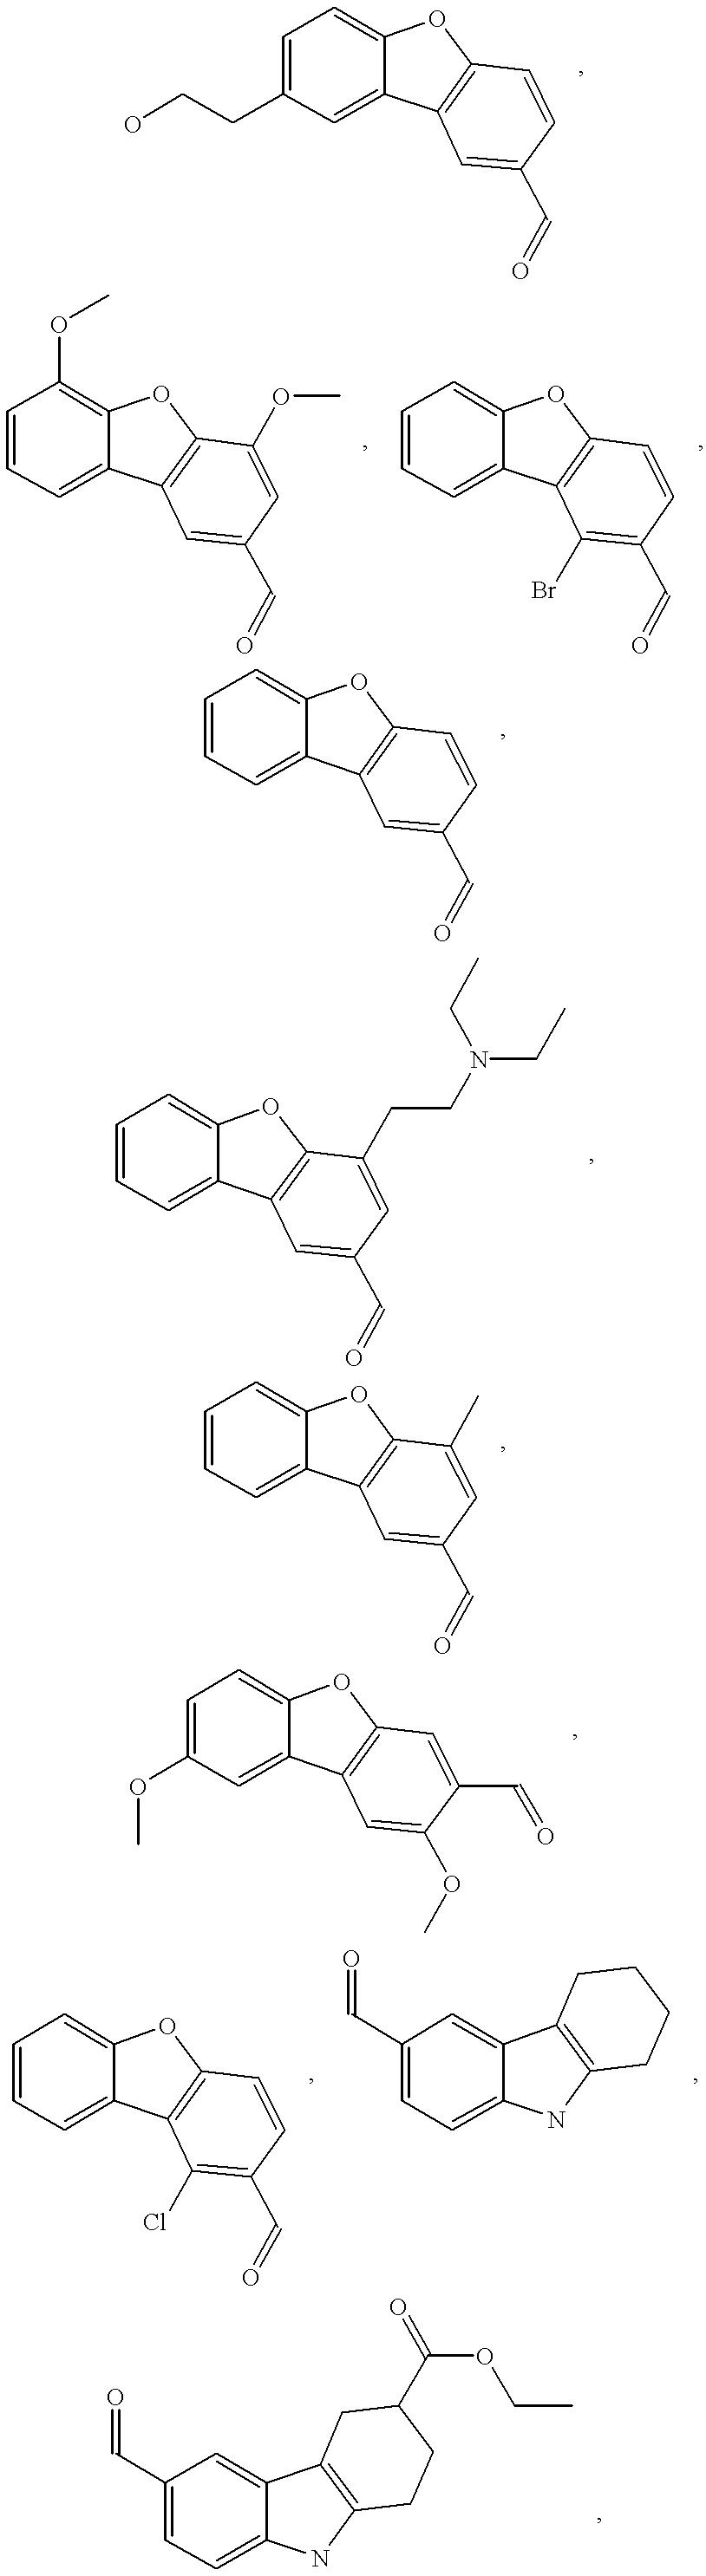 Figure US06514981-20030204-C00064